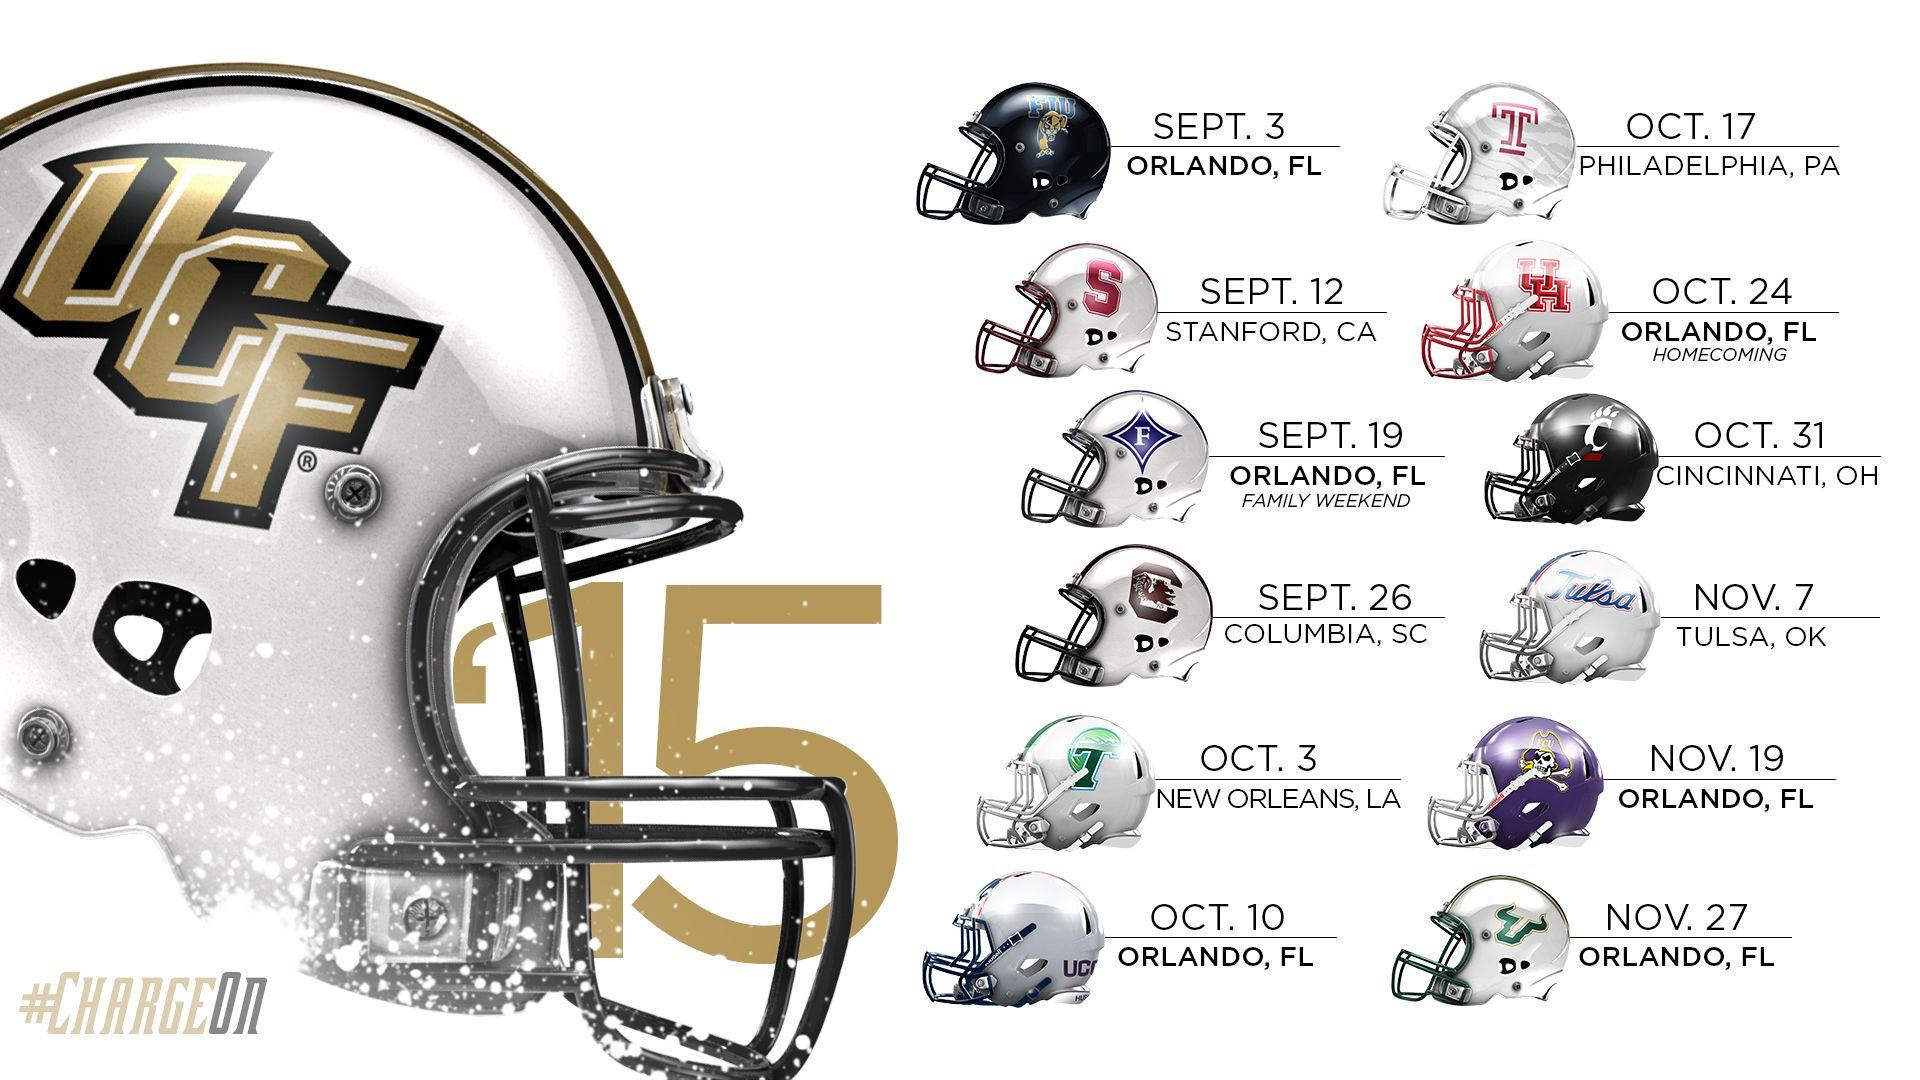 2015 Football Desktop Wallpaper Ucf knights, Ucf, Football